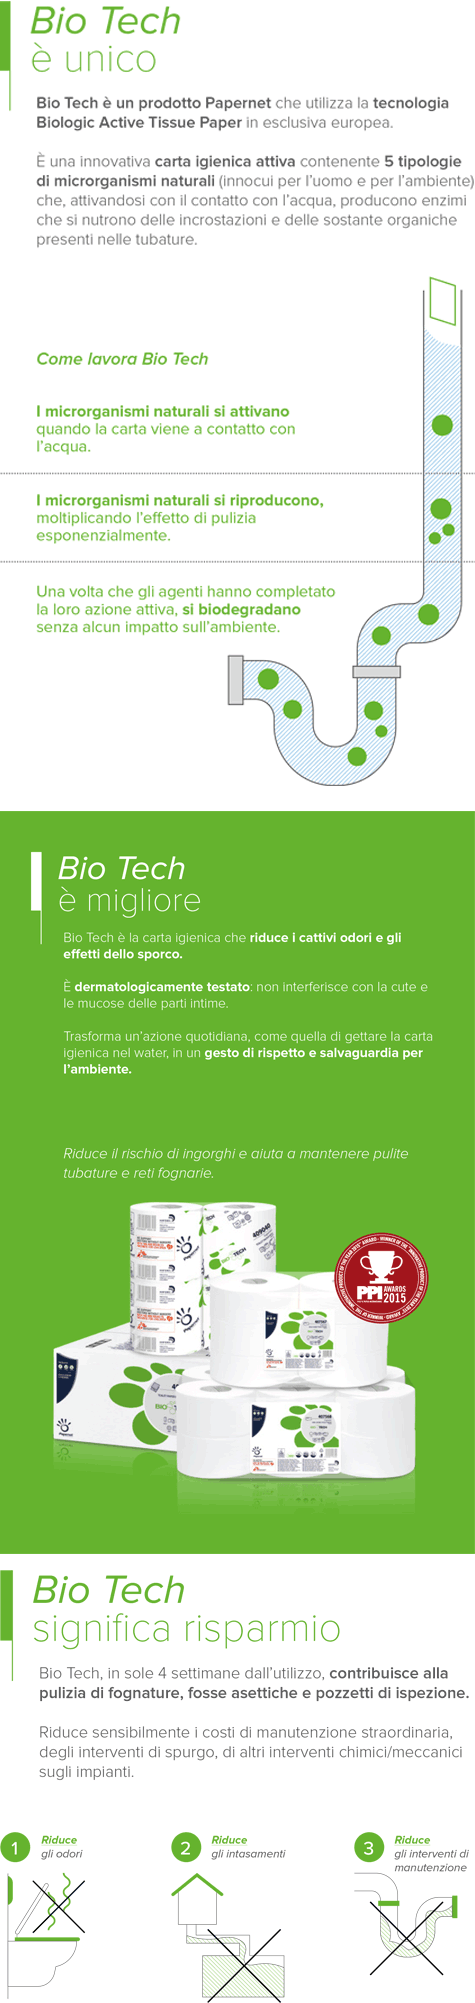 carta Carta igienica in fogli pretagliati  Bio-Tech qualità superior, 2 veli, goffratura wave, altezza 21cm, lunghezza strappo 11cm, diametro cm, 224 strappi.